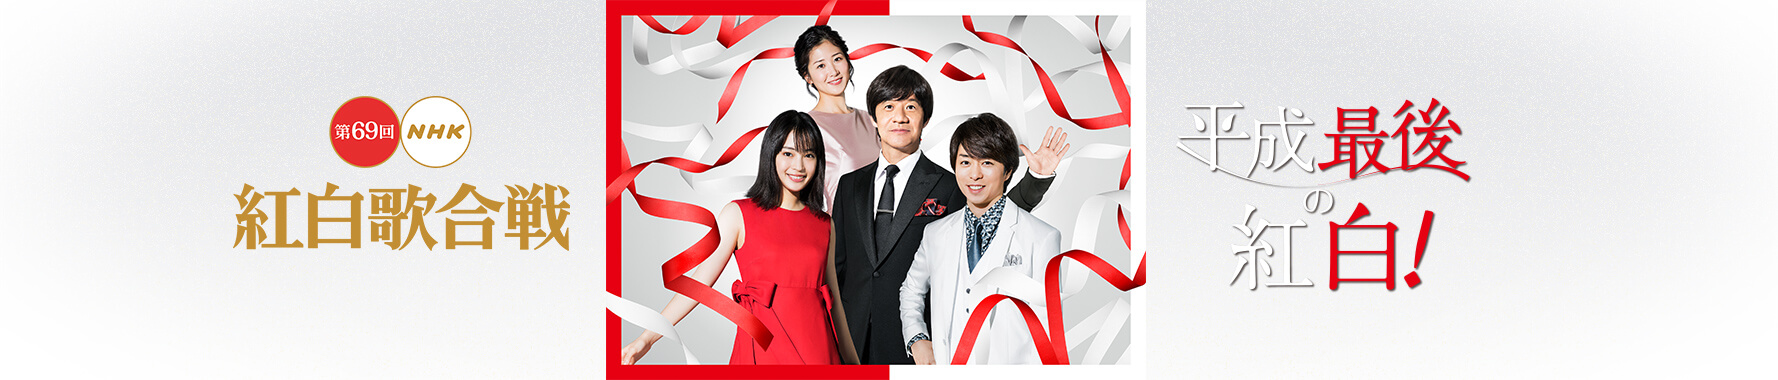 第69回NHK紅白歌合戦「夢を歌おう」<副音声は紅白ウラトークチャンネル>